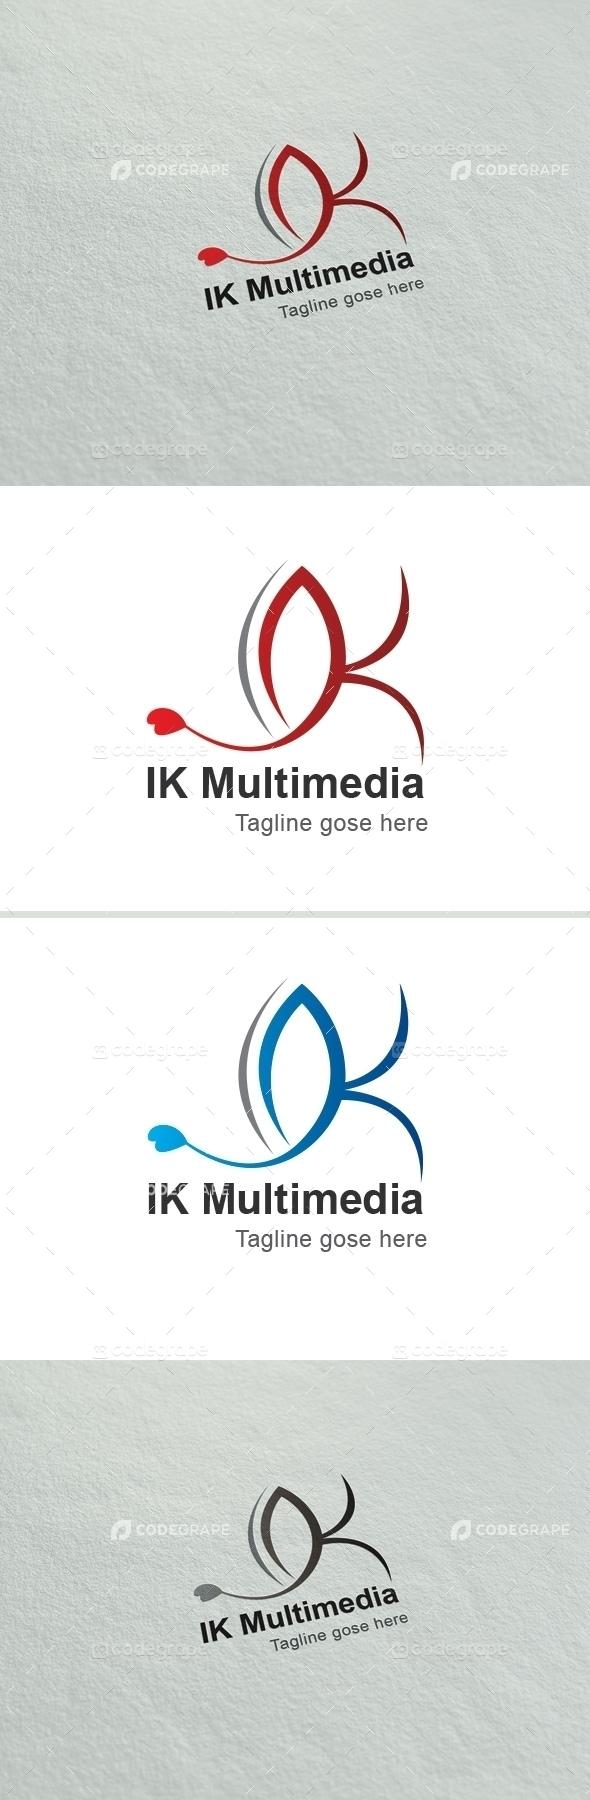 IK Multimedia K Letter Logo